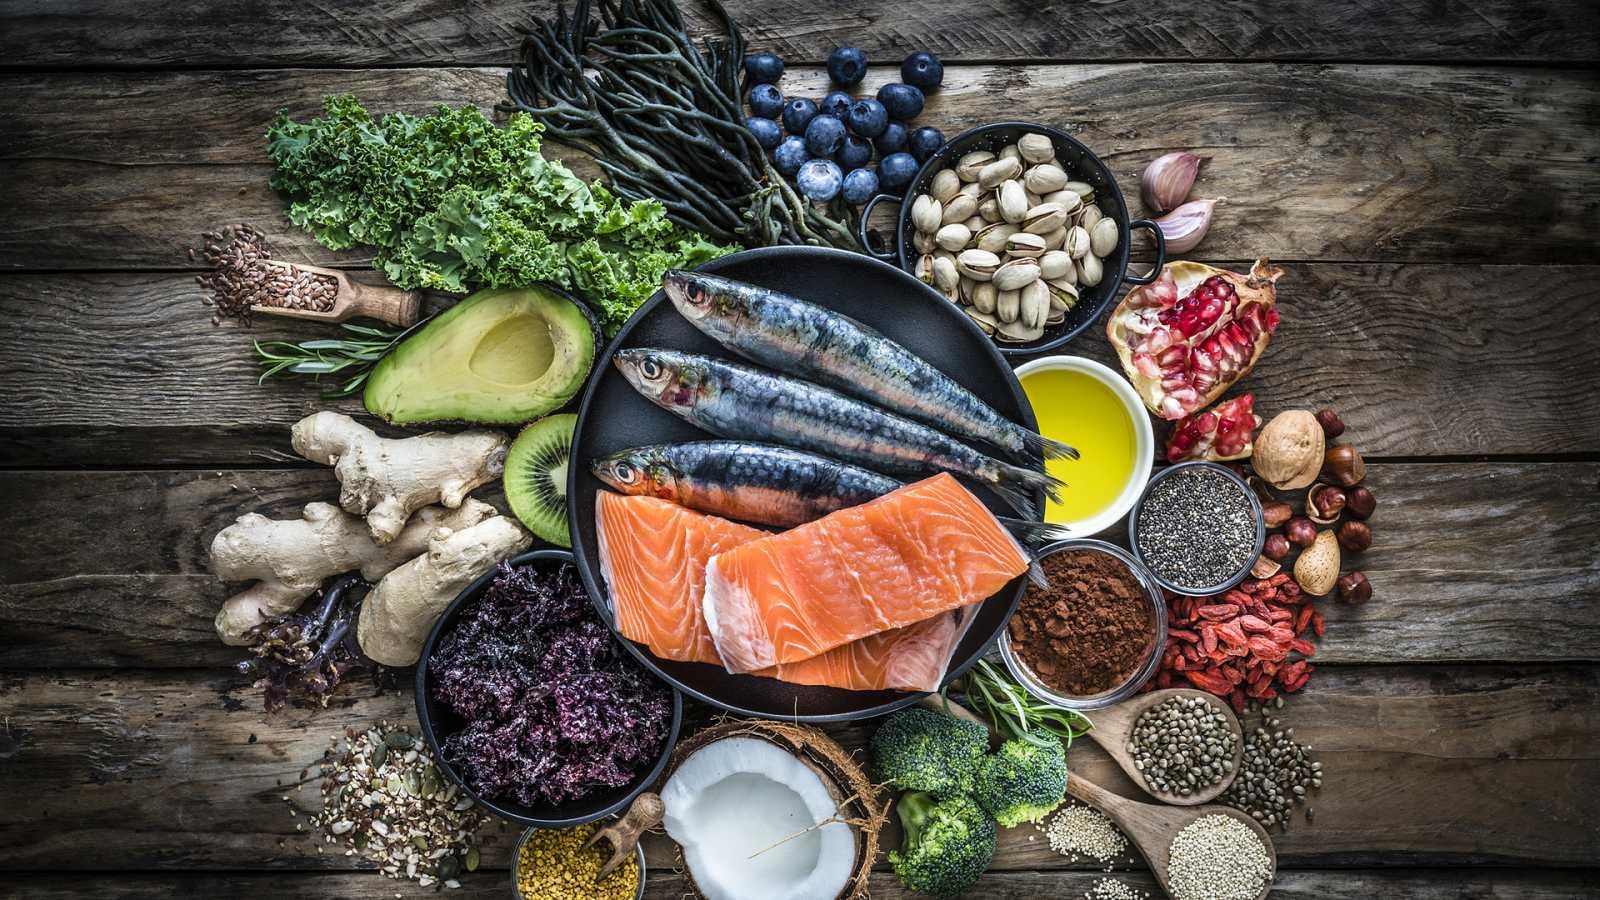 Españoles en la mar - Alimentación rica en omega 3 mejora pronóstico tras un infarto - 03/11/20 - escuchar ahora